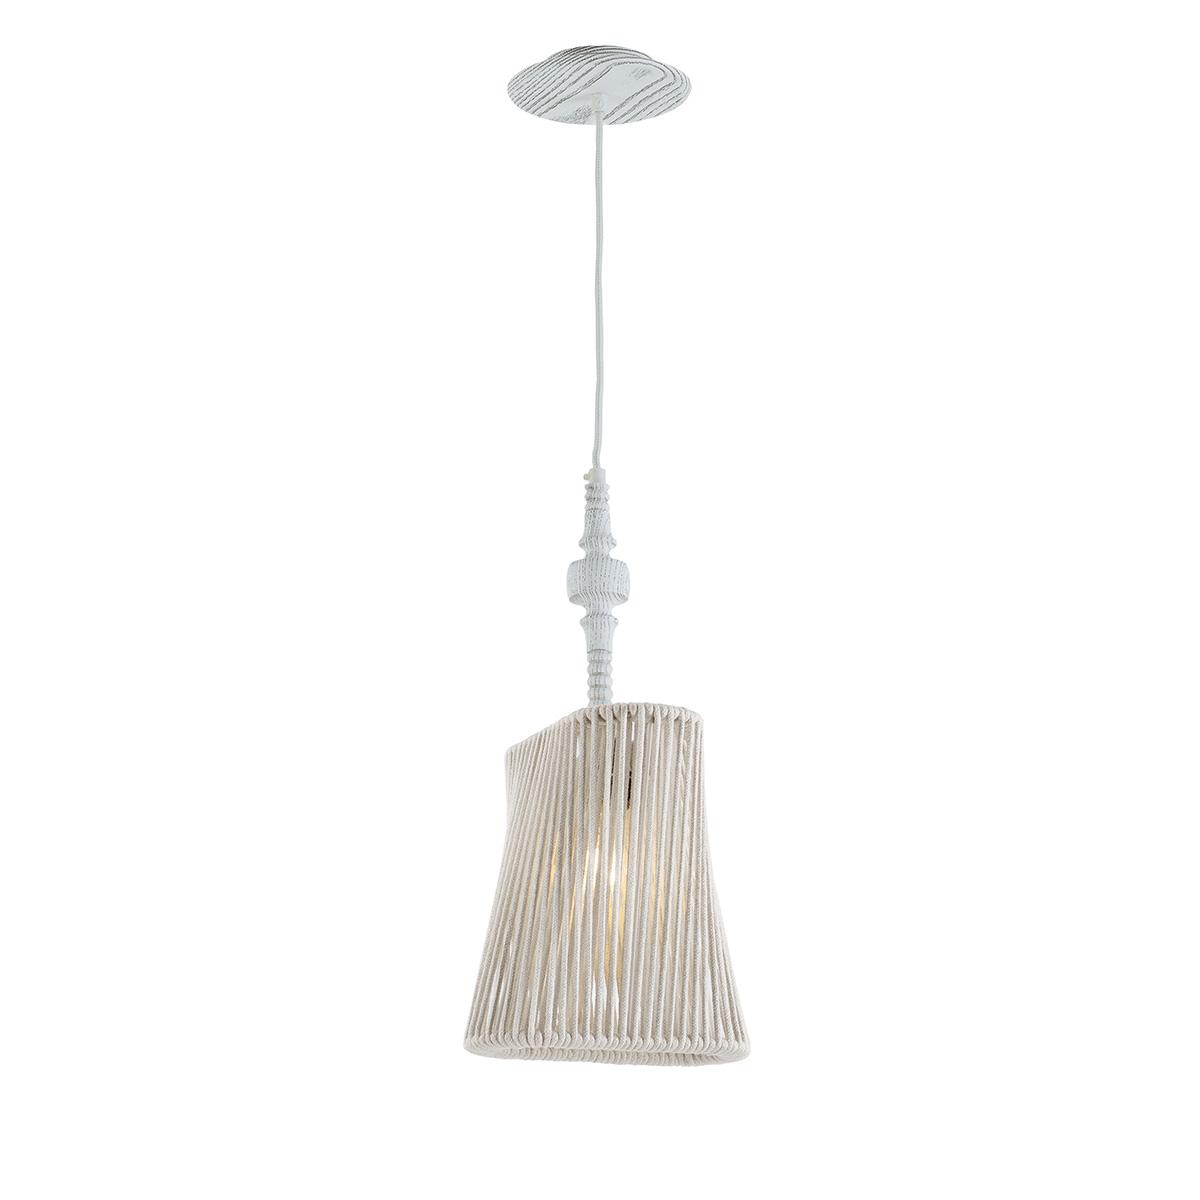 Μονόφωτο κρεμαστό ξύλινο TIMBER wooden suspension lamp